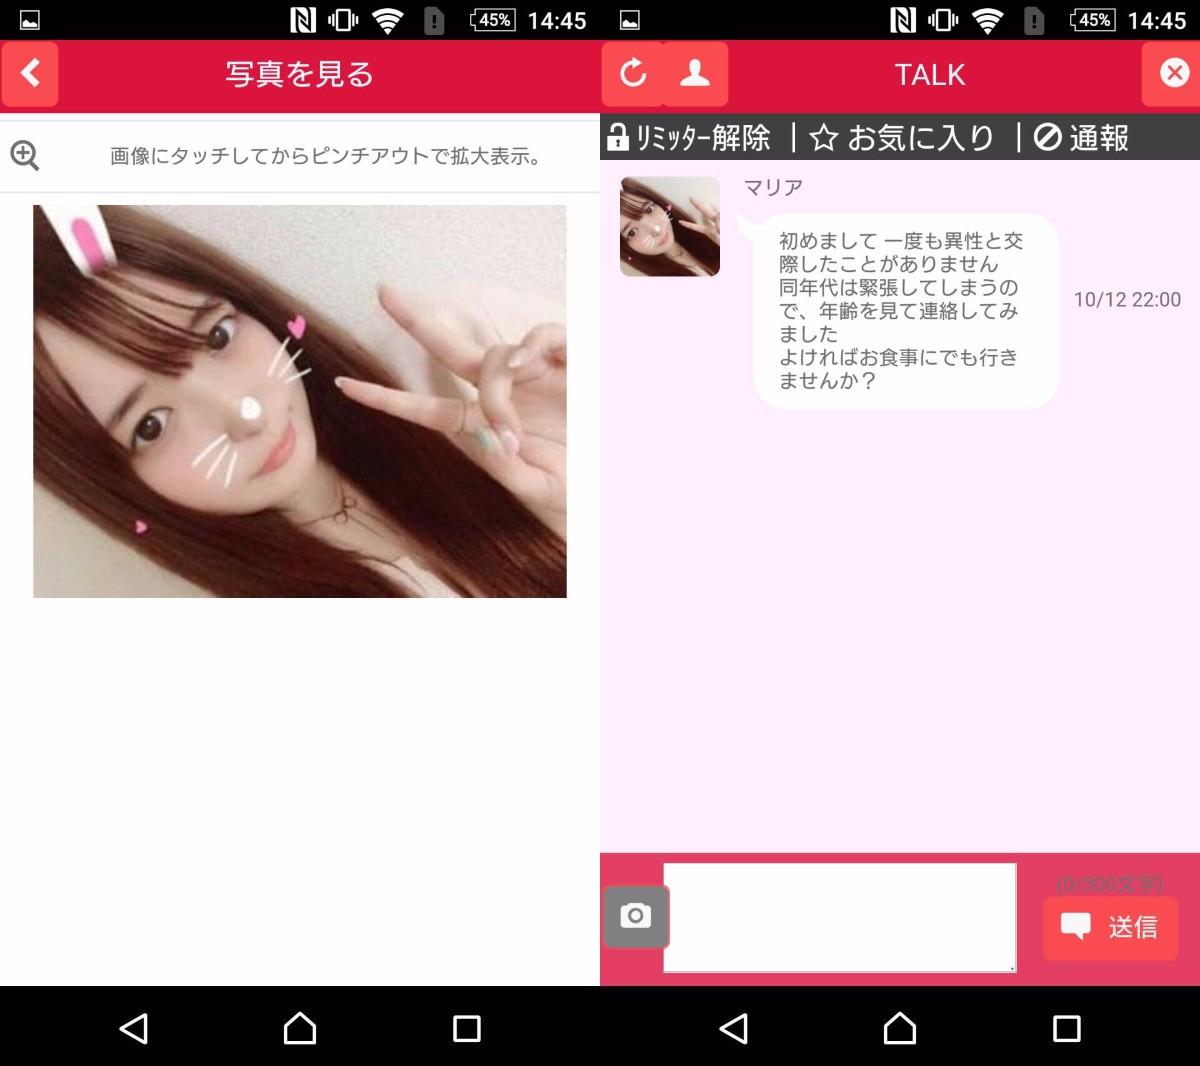 サクラ詐欺出会い系アプリ「amour talk」サクラのマリア